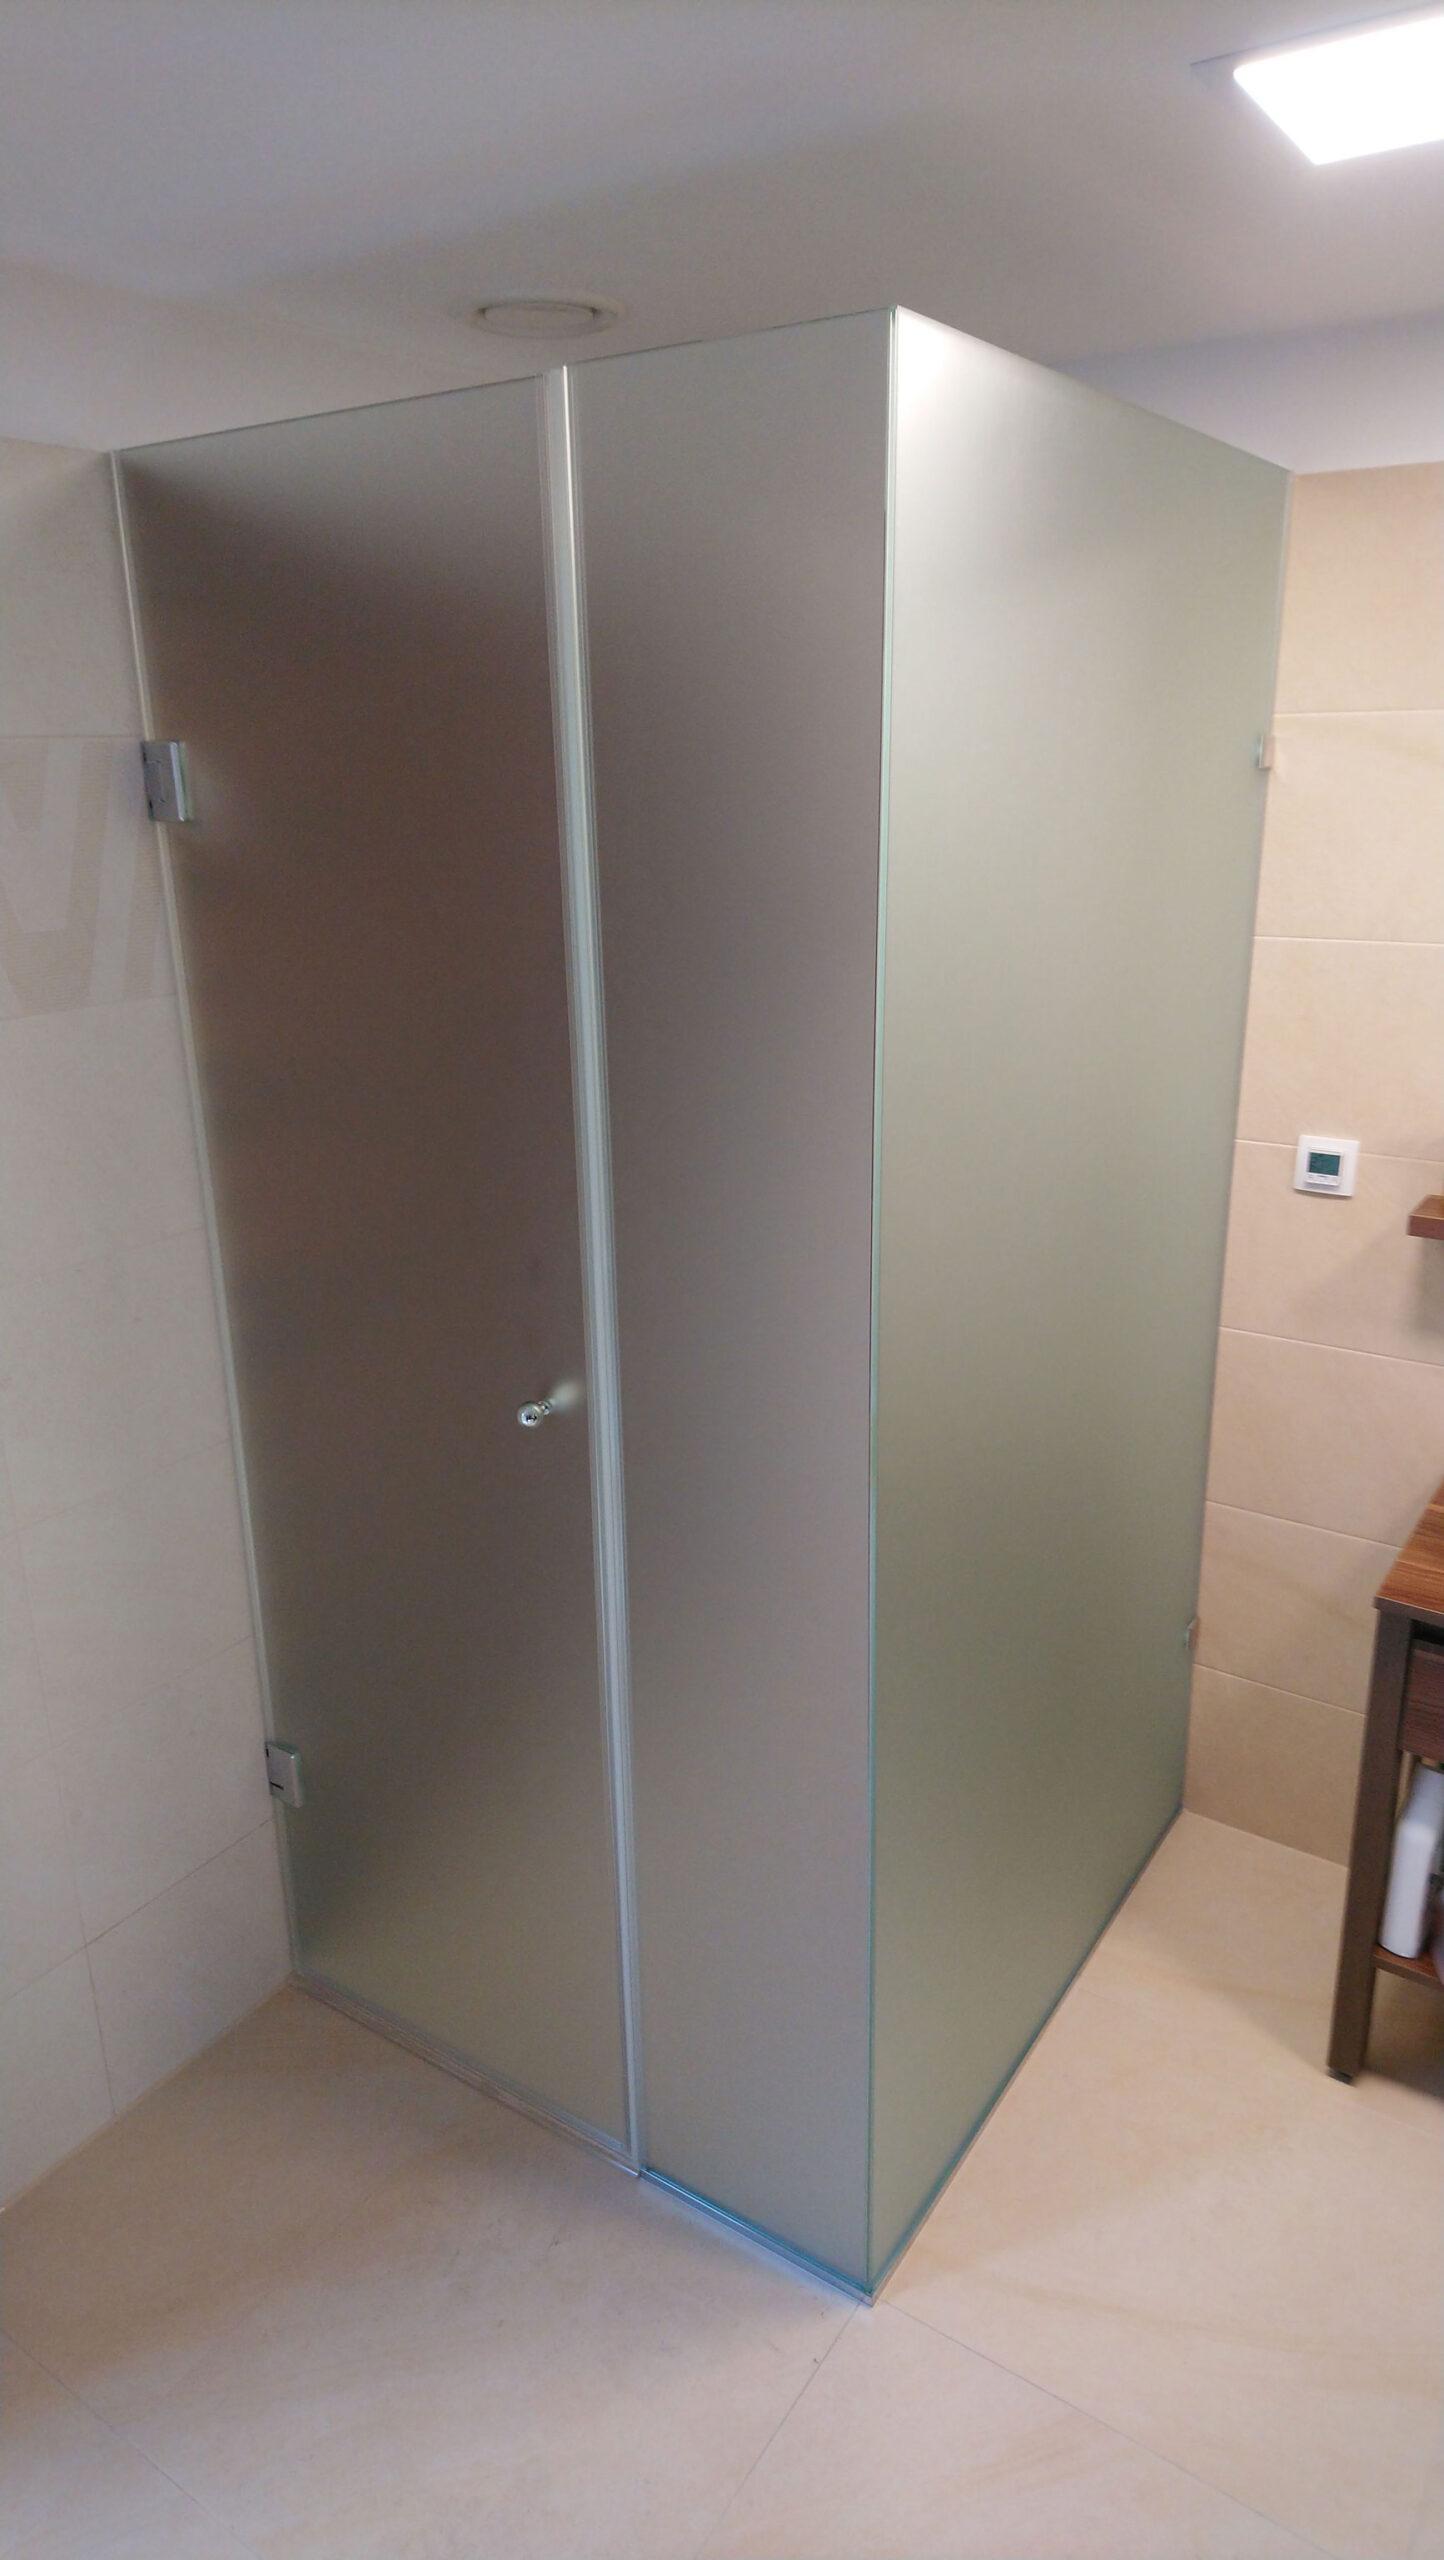 Sklenarstvi-Prerost-sprchove- kouty-a-sprchy (60)